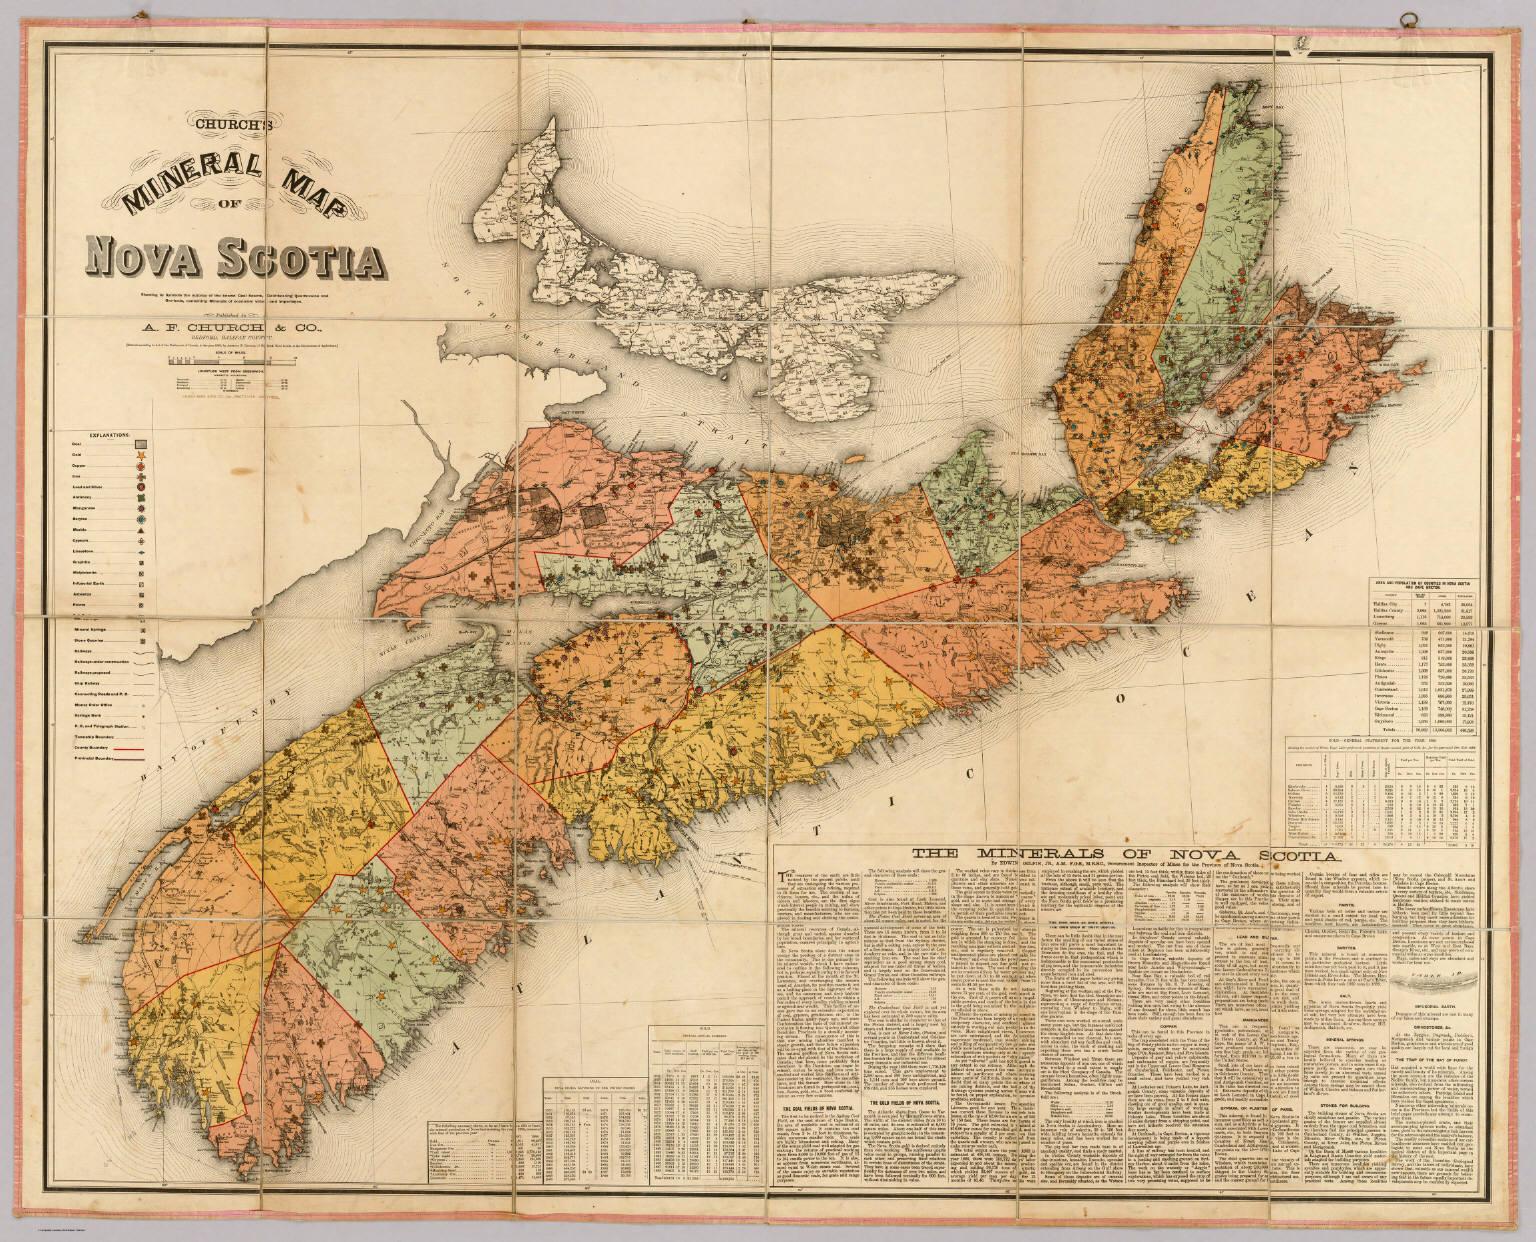 Nova Scotia maps & data - Churchs mineral map of Nova Scotia